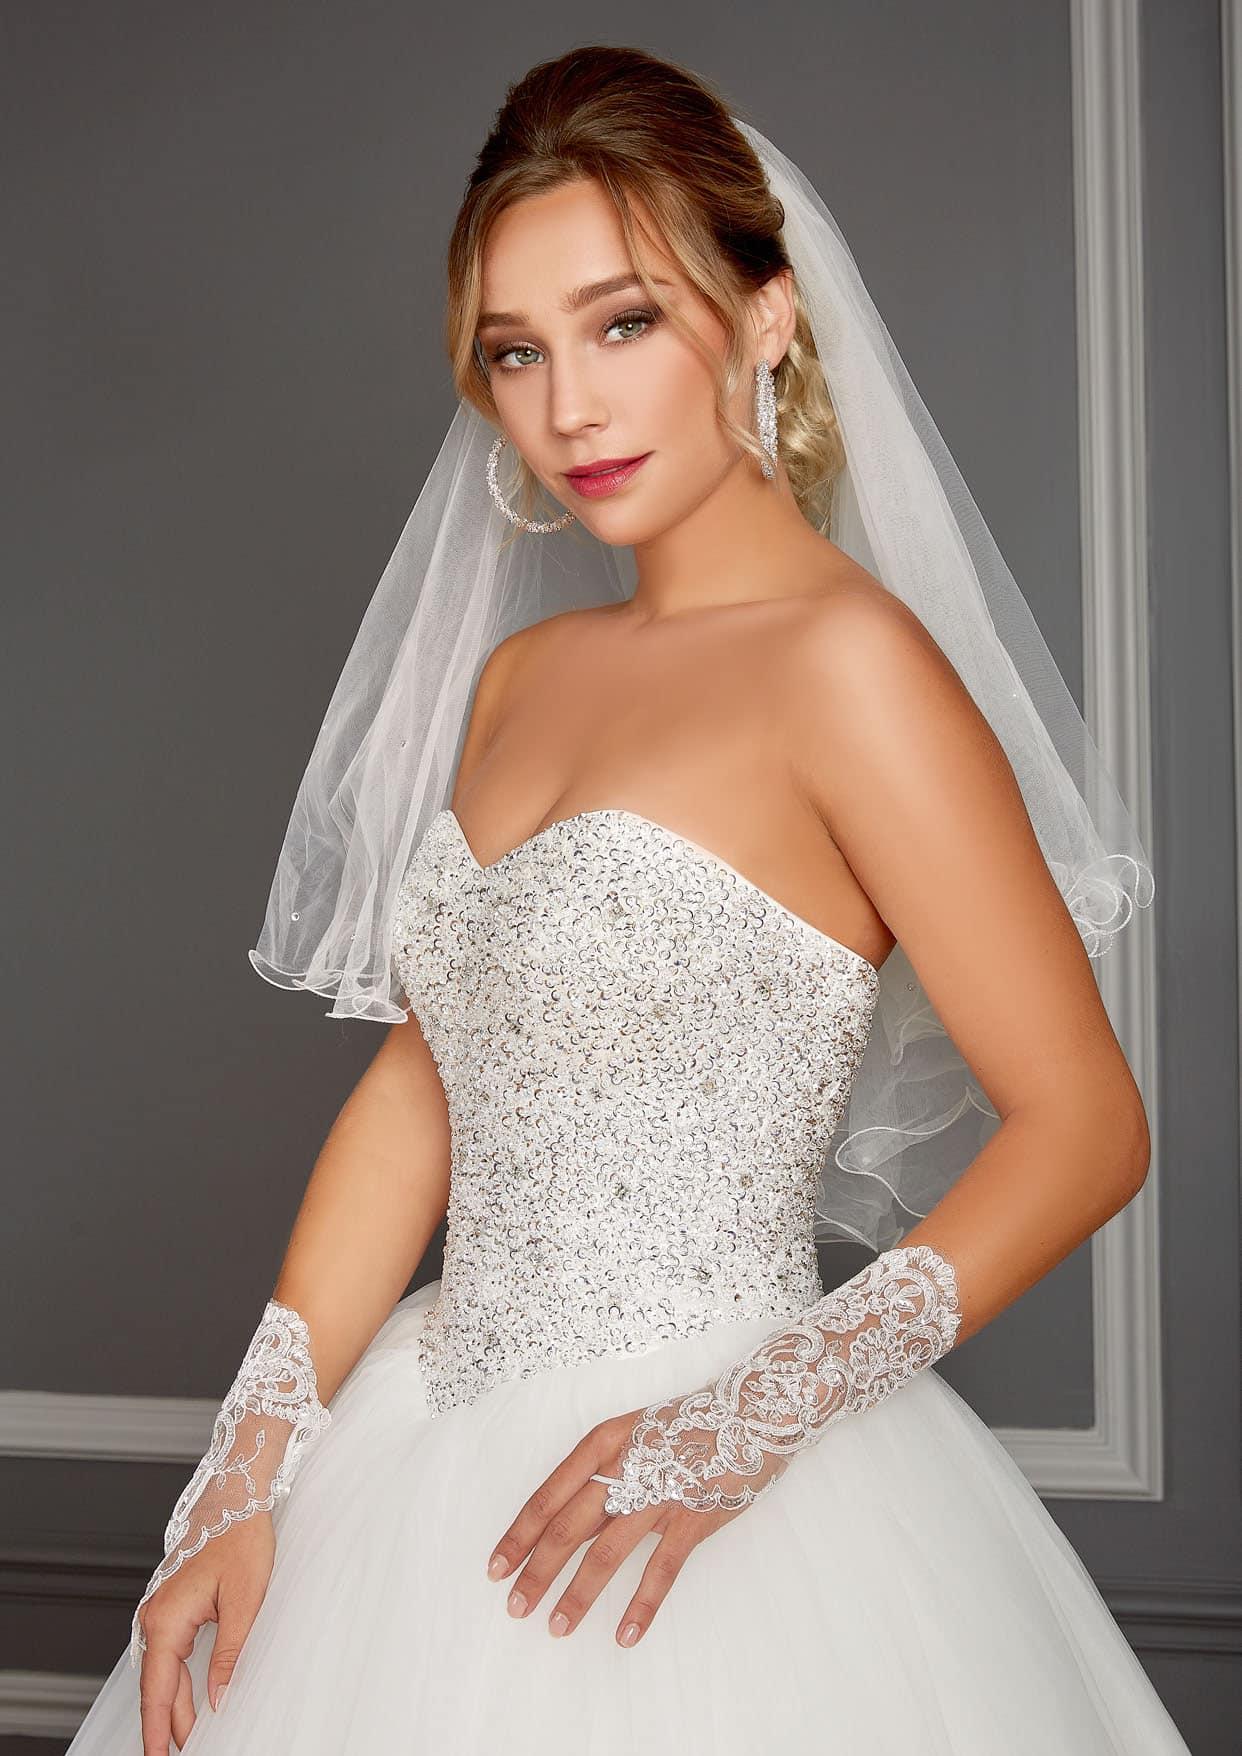 56d41157bbd Robe de mariée Love Wedding modèle Californie - Déclaration Mariage